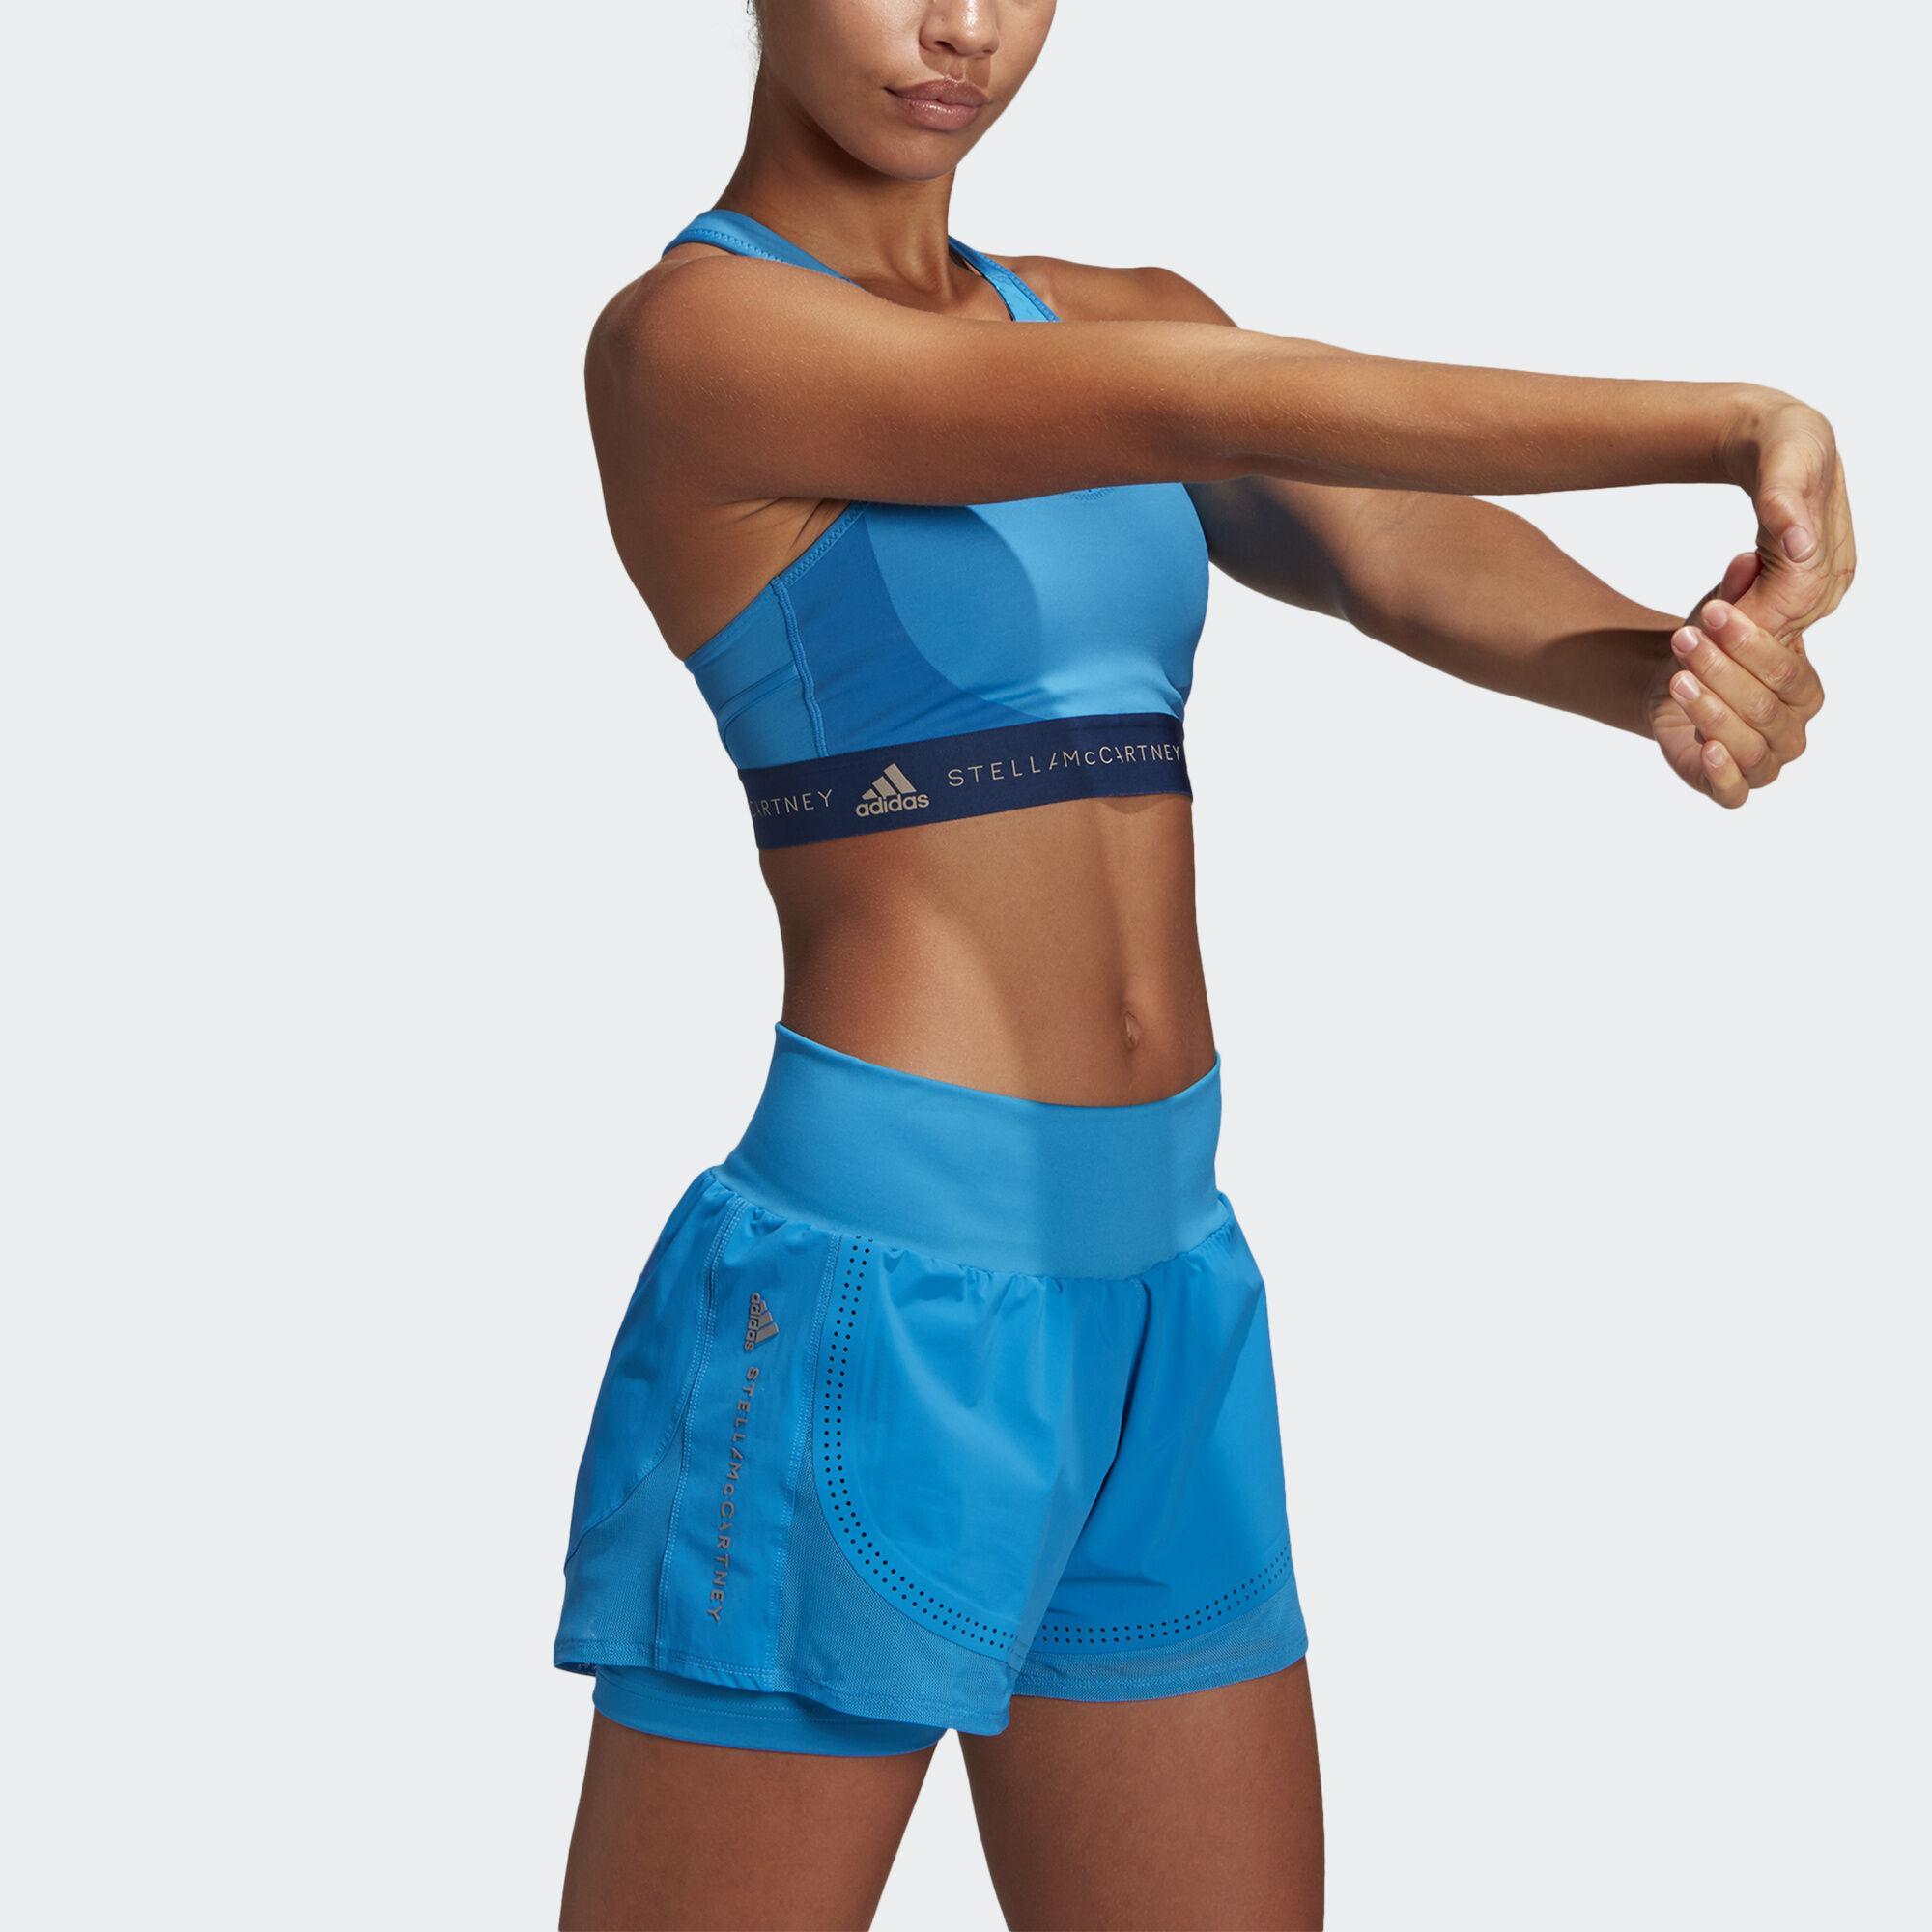 0b9eff1ab1a adidas Lycra Fitsense+ High Intensity Sports Bra in Blue - Lyst